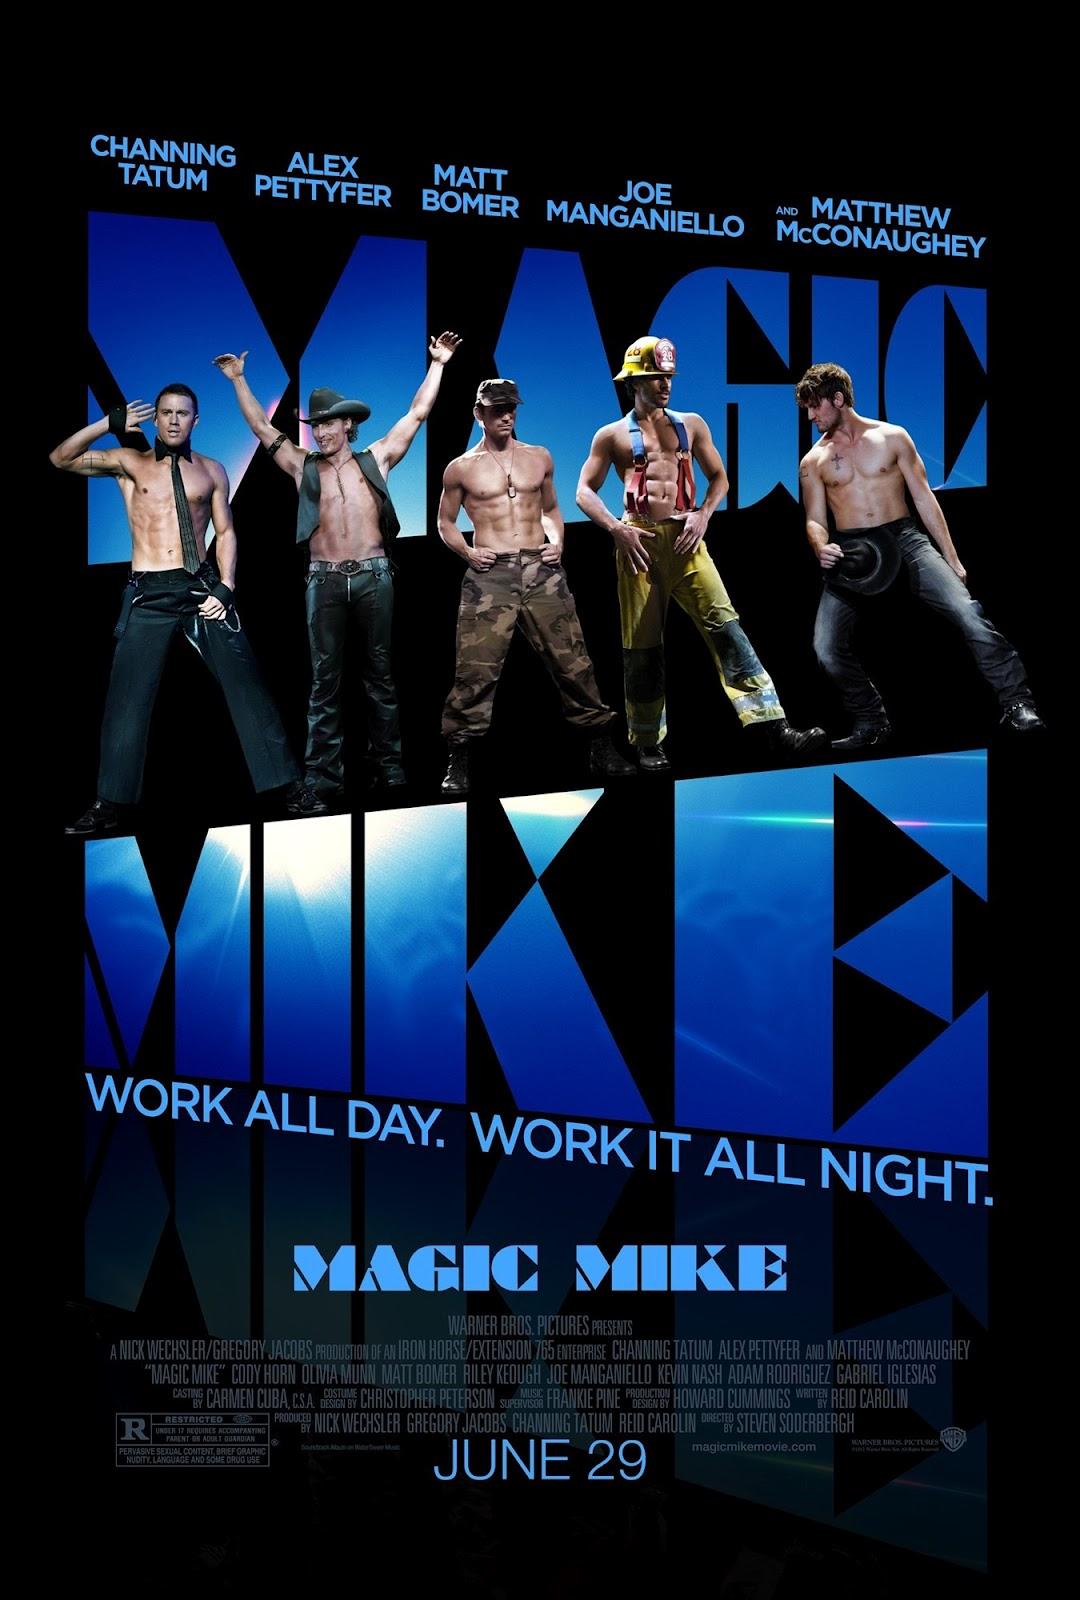 http://4.bp.blogspot.com/-xdW1qzBL8-w/T_u9ft-GDlI/AAAAAAAABa0/YUo1Fw47-cs/s1600/magic-mike-poster01.jpg